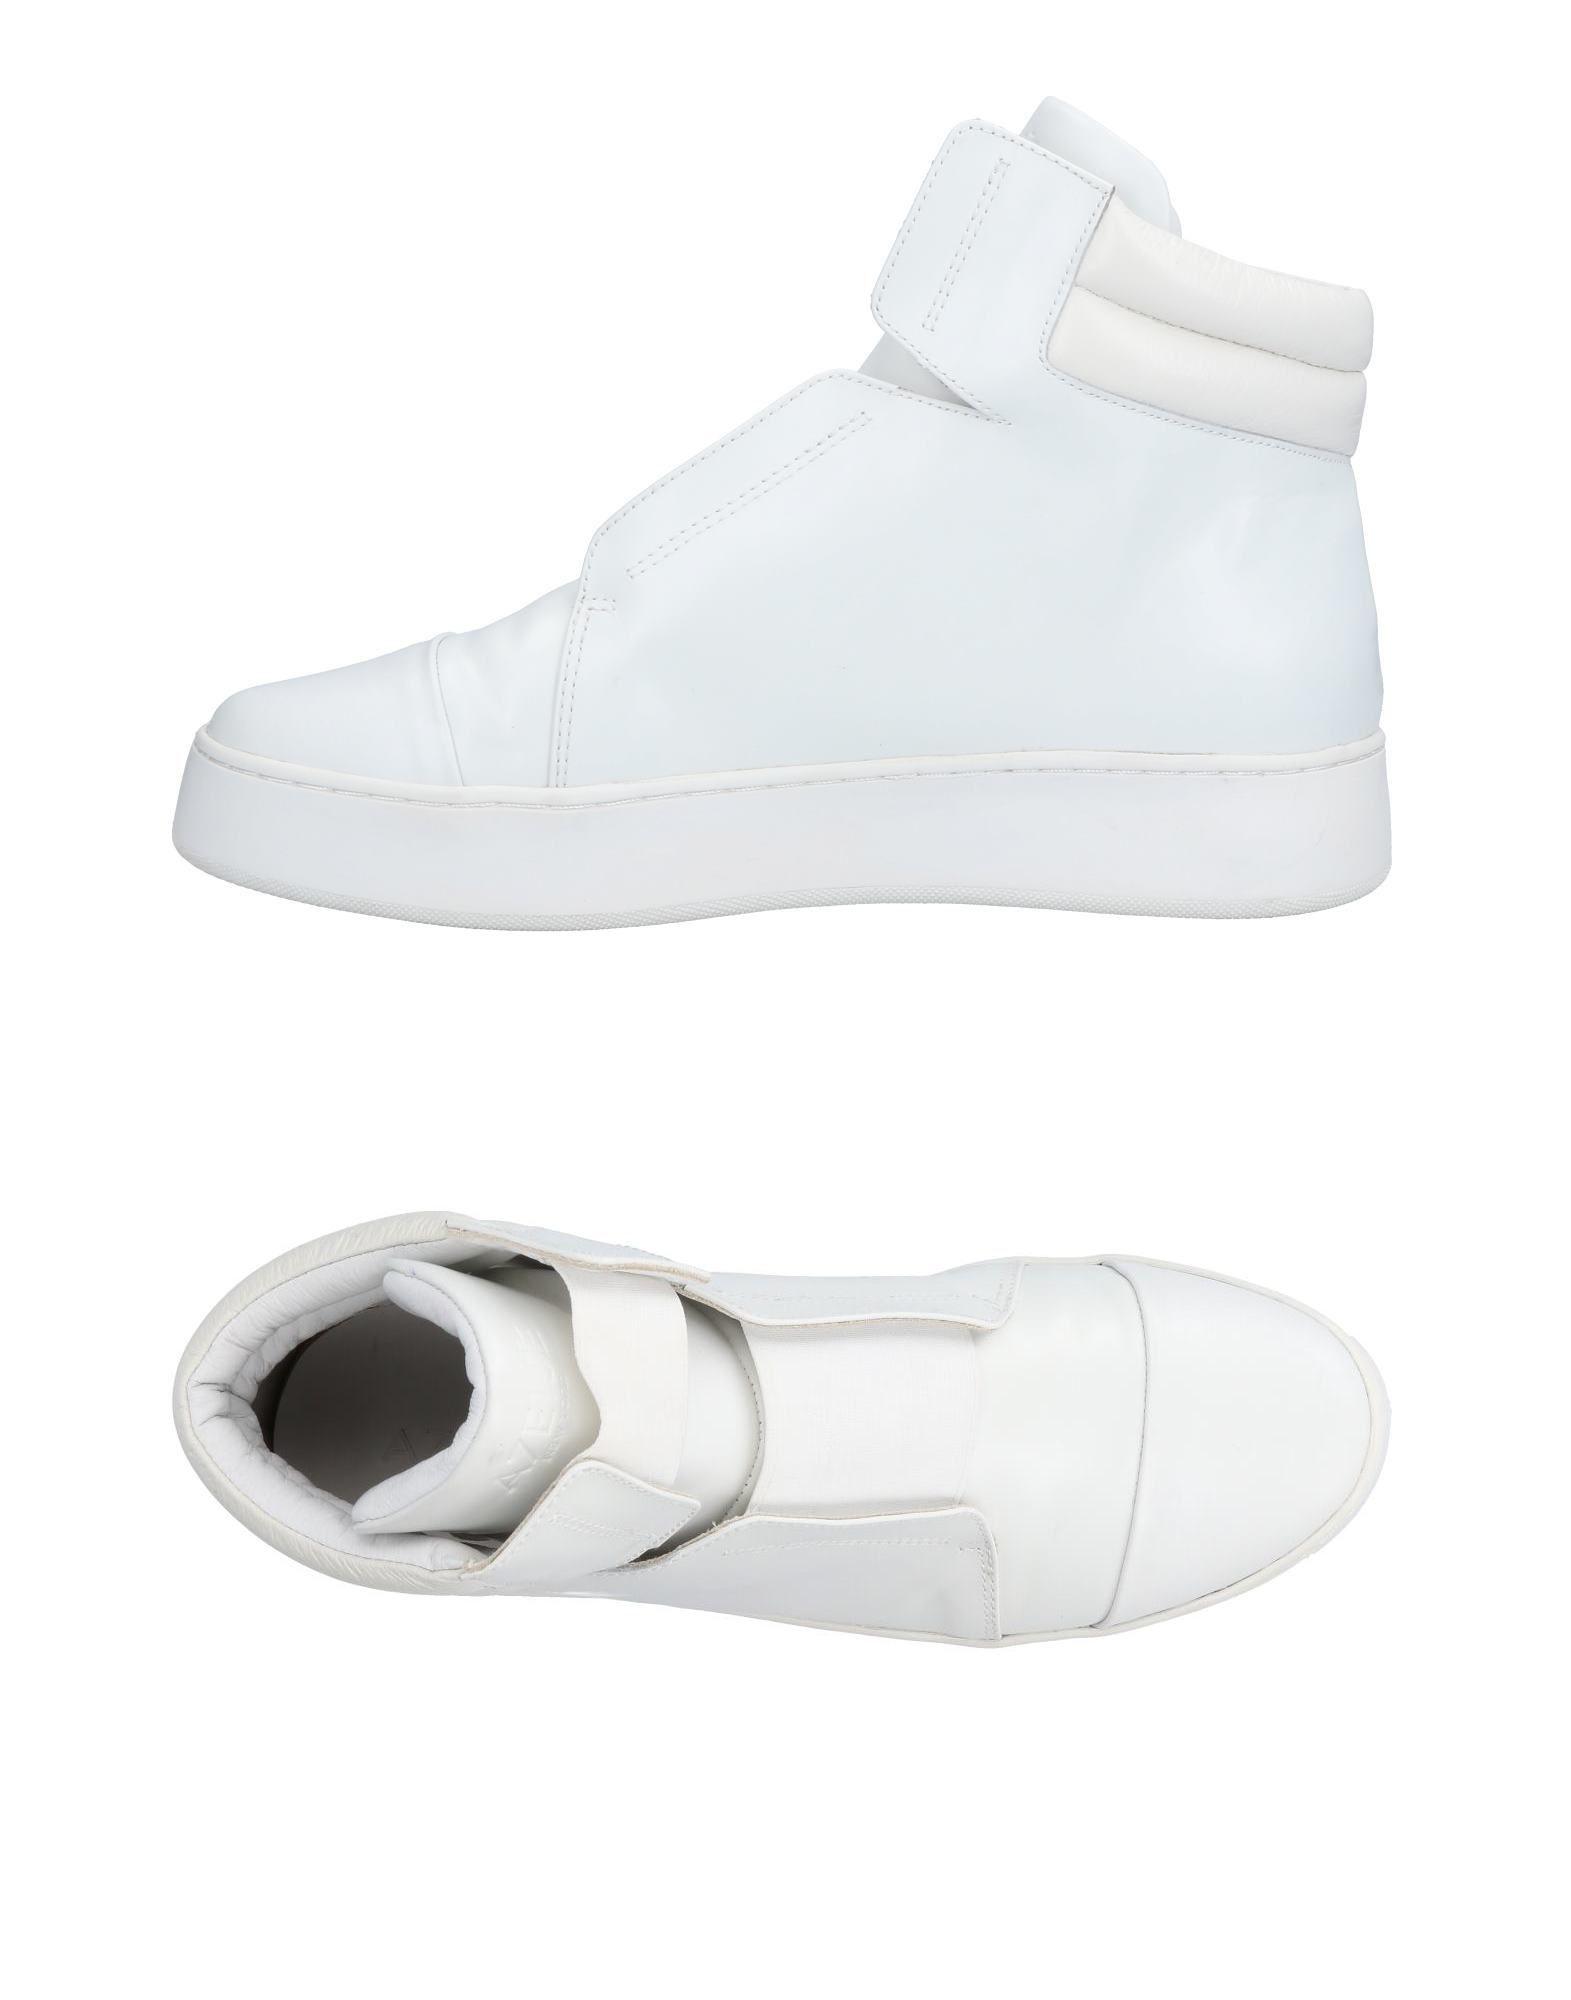 Scarpe economiche e resistenti Sneakers A7eijē Donna - 11475782XB